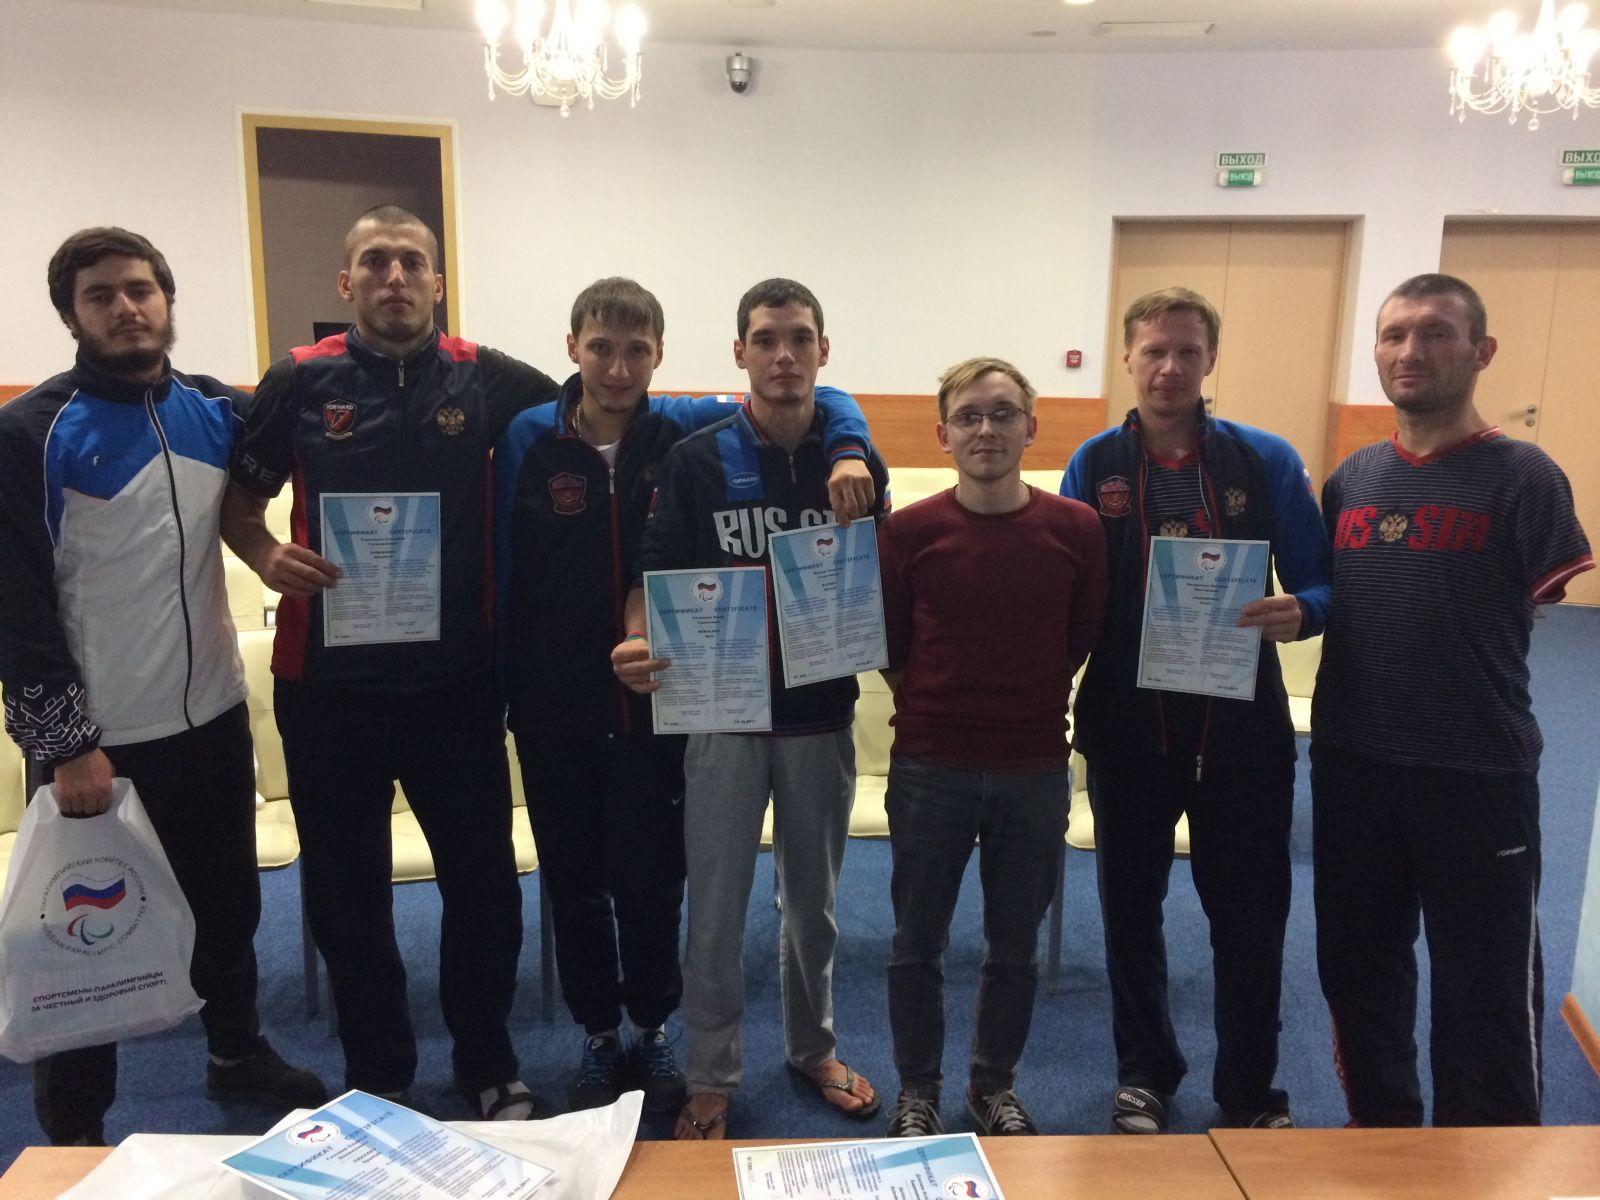 ПКР в г. Алексин (Тульская область) на РУТБ «ОКА» провел Антидопинговый семинар для членов сборной команды России по паратхэквондо